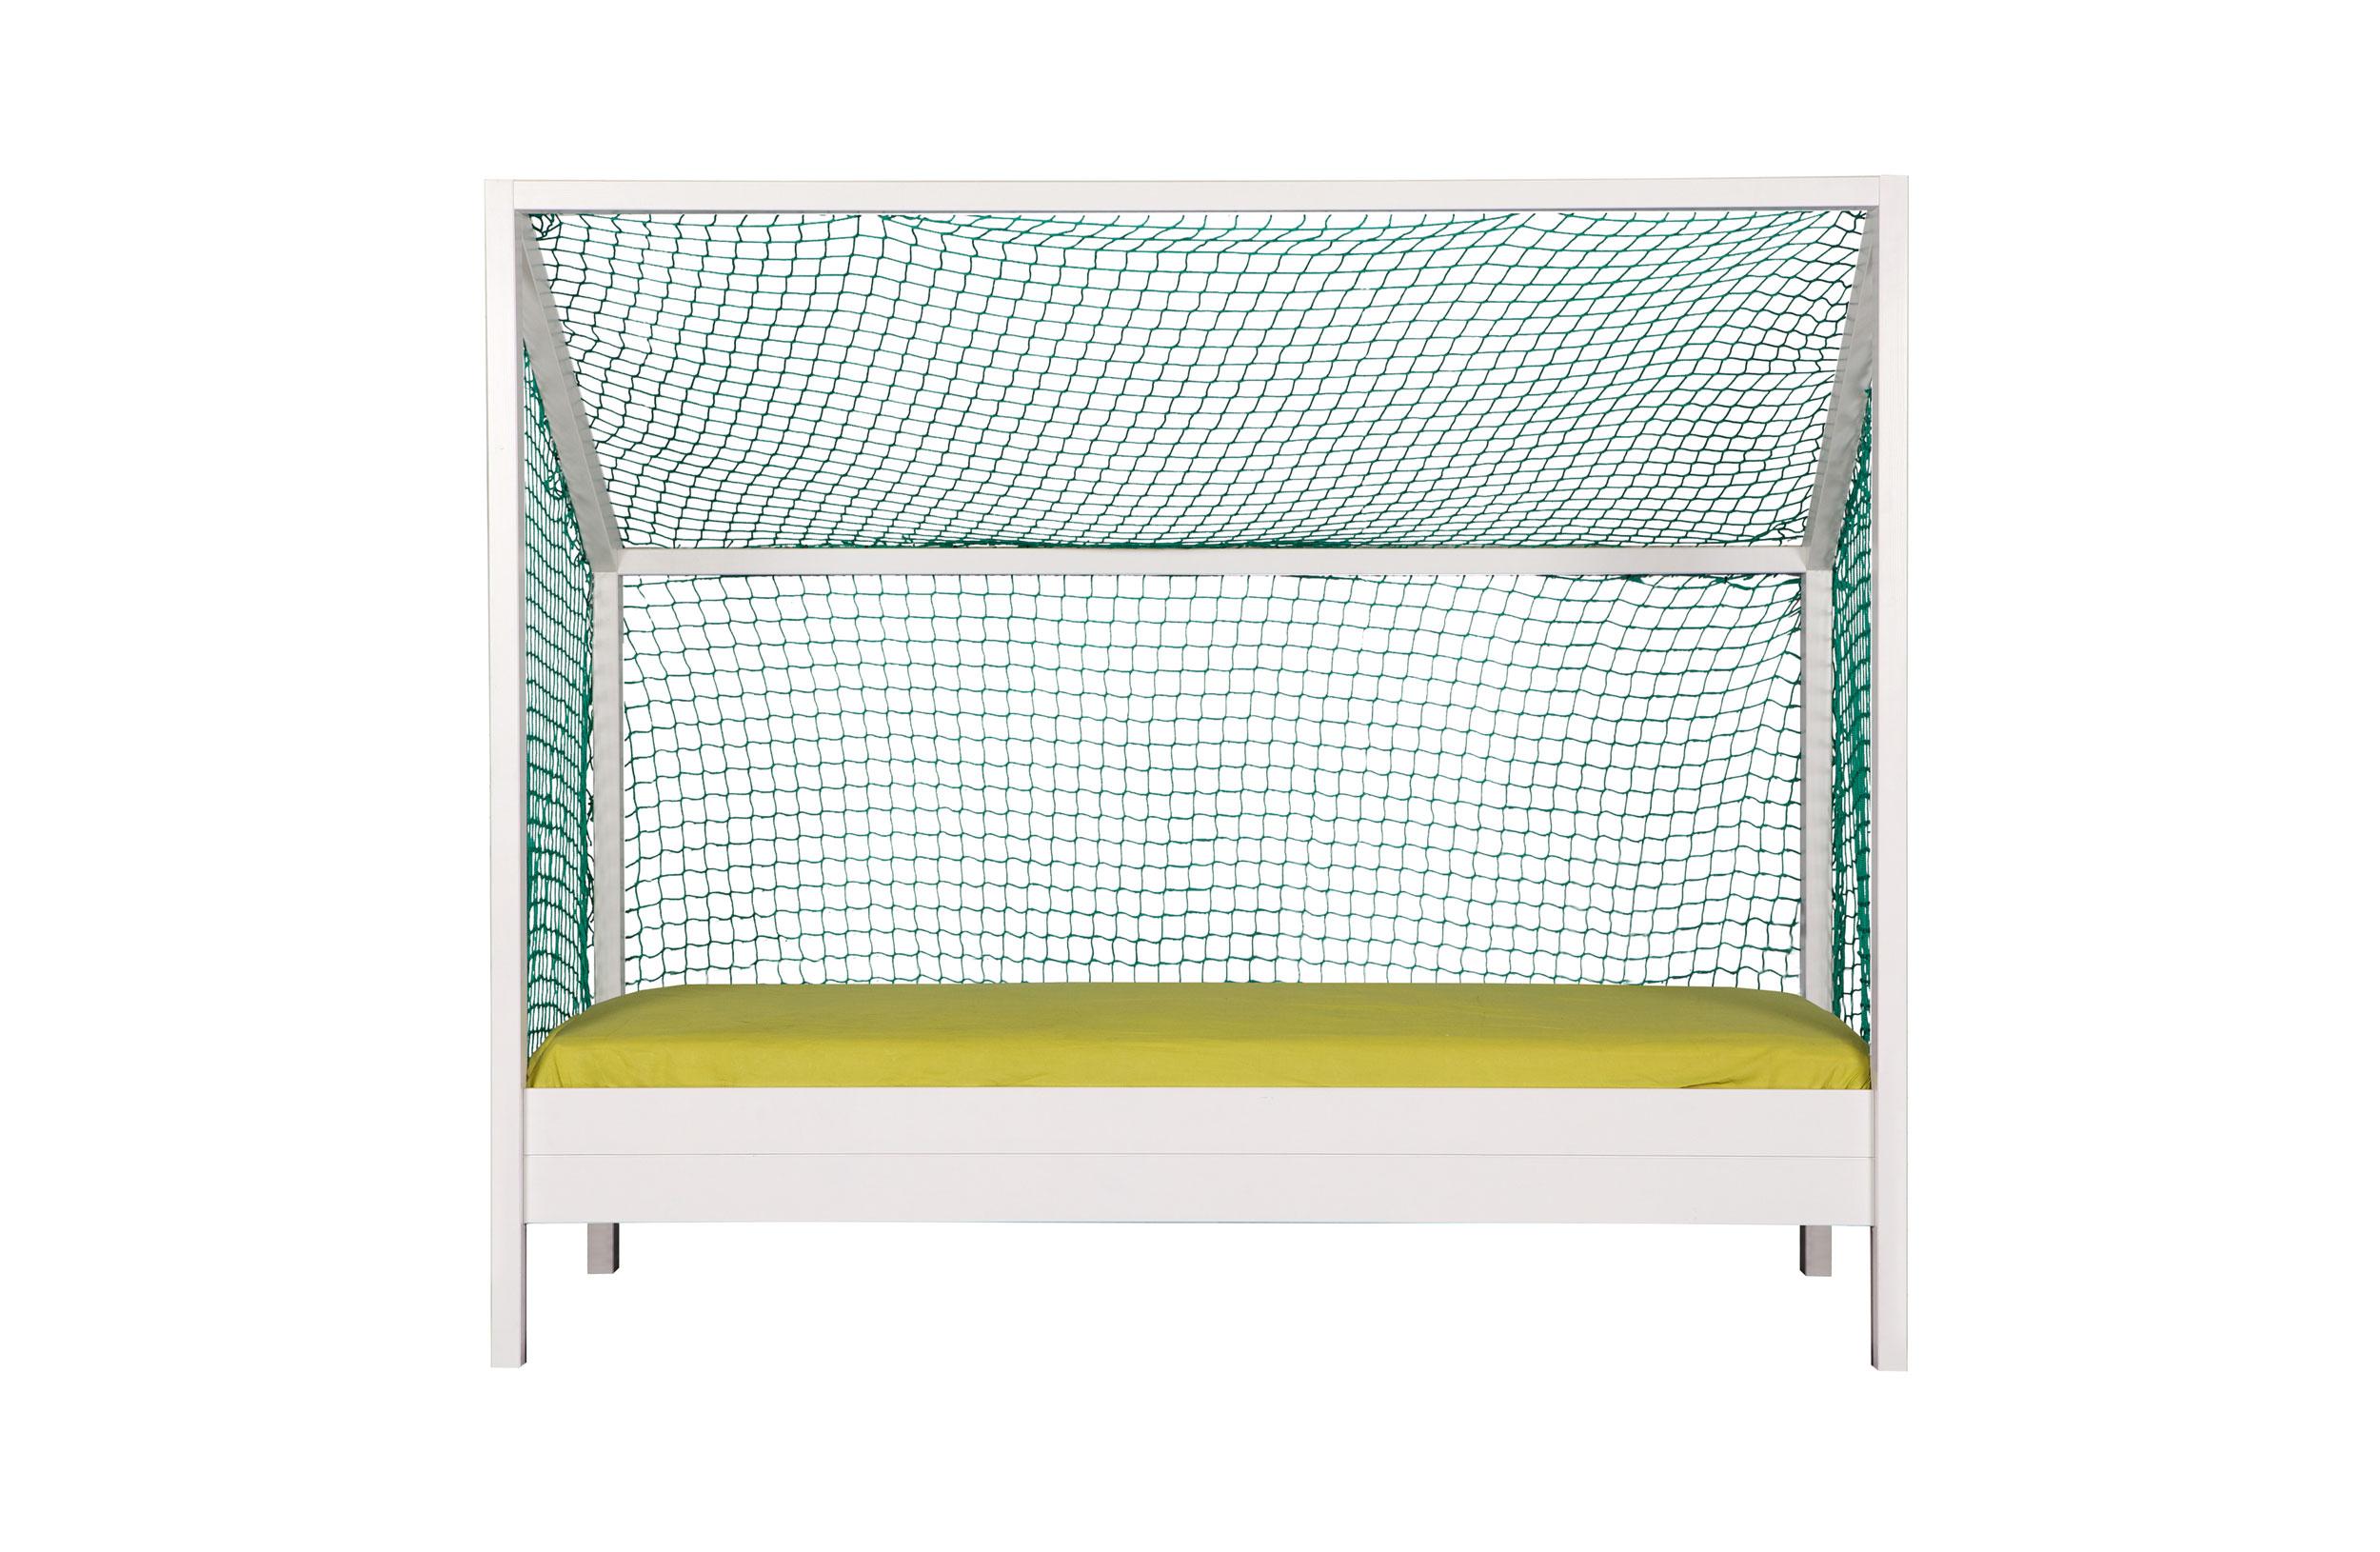 Кровать футбольные ворота Football BedДетские кроватки<br>&amp;lt;div&amp;gt;Football Bed создана специально для активных и увлеченных подростков. Юные поклонники самого популярного вида спорта по достоинству оценят ее, представляя себя новым Яшиным или Месси. Кровать выполнена в виде футбольных ворот, но их каркас изготовлен не из металла, а из натурального дерева. Этот предмет мебели идеален для тематического интерьера детской комнаты.&amp;lt;br&amp;gt;&amp;lt;/div&amp;gt;&amp;lt;div&amp;gt;&amp;lt;br&amp;gt;&amp;lt;/div&amp;gt;&amp;lt;div&amp;gt;Цвет: белый.&amp;amp;nbsp;&amp;lt;/div&amp;gt;&amp;lt;div&amp;gt;Размеры: 209х175х90см.&amp;amp;nbsp;&amp;lt;/div&amp;gt;&amp;lt;div&amp;gt;&amp;lt;span style=&amp;quot;background-color: rgb(245, 245, 245);&amp;quot;&amp;gt;Без решетки и матраса&amp;lt;/span&amp;gt;&amp;lt;br&amp;gt;&amp;lt;/div&amp;gt;&amp;lt;div&amp;gt;Поставляется в разобранном виде в плоской упаковке с подробной инструкцией по сборке. <br>Легко собрать самостоятельно.&amp;lt;/div&amp;gt;<br><br>Material: Текстиль<br>Ширина см: 90<br>Высота см: 175